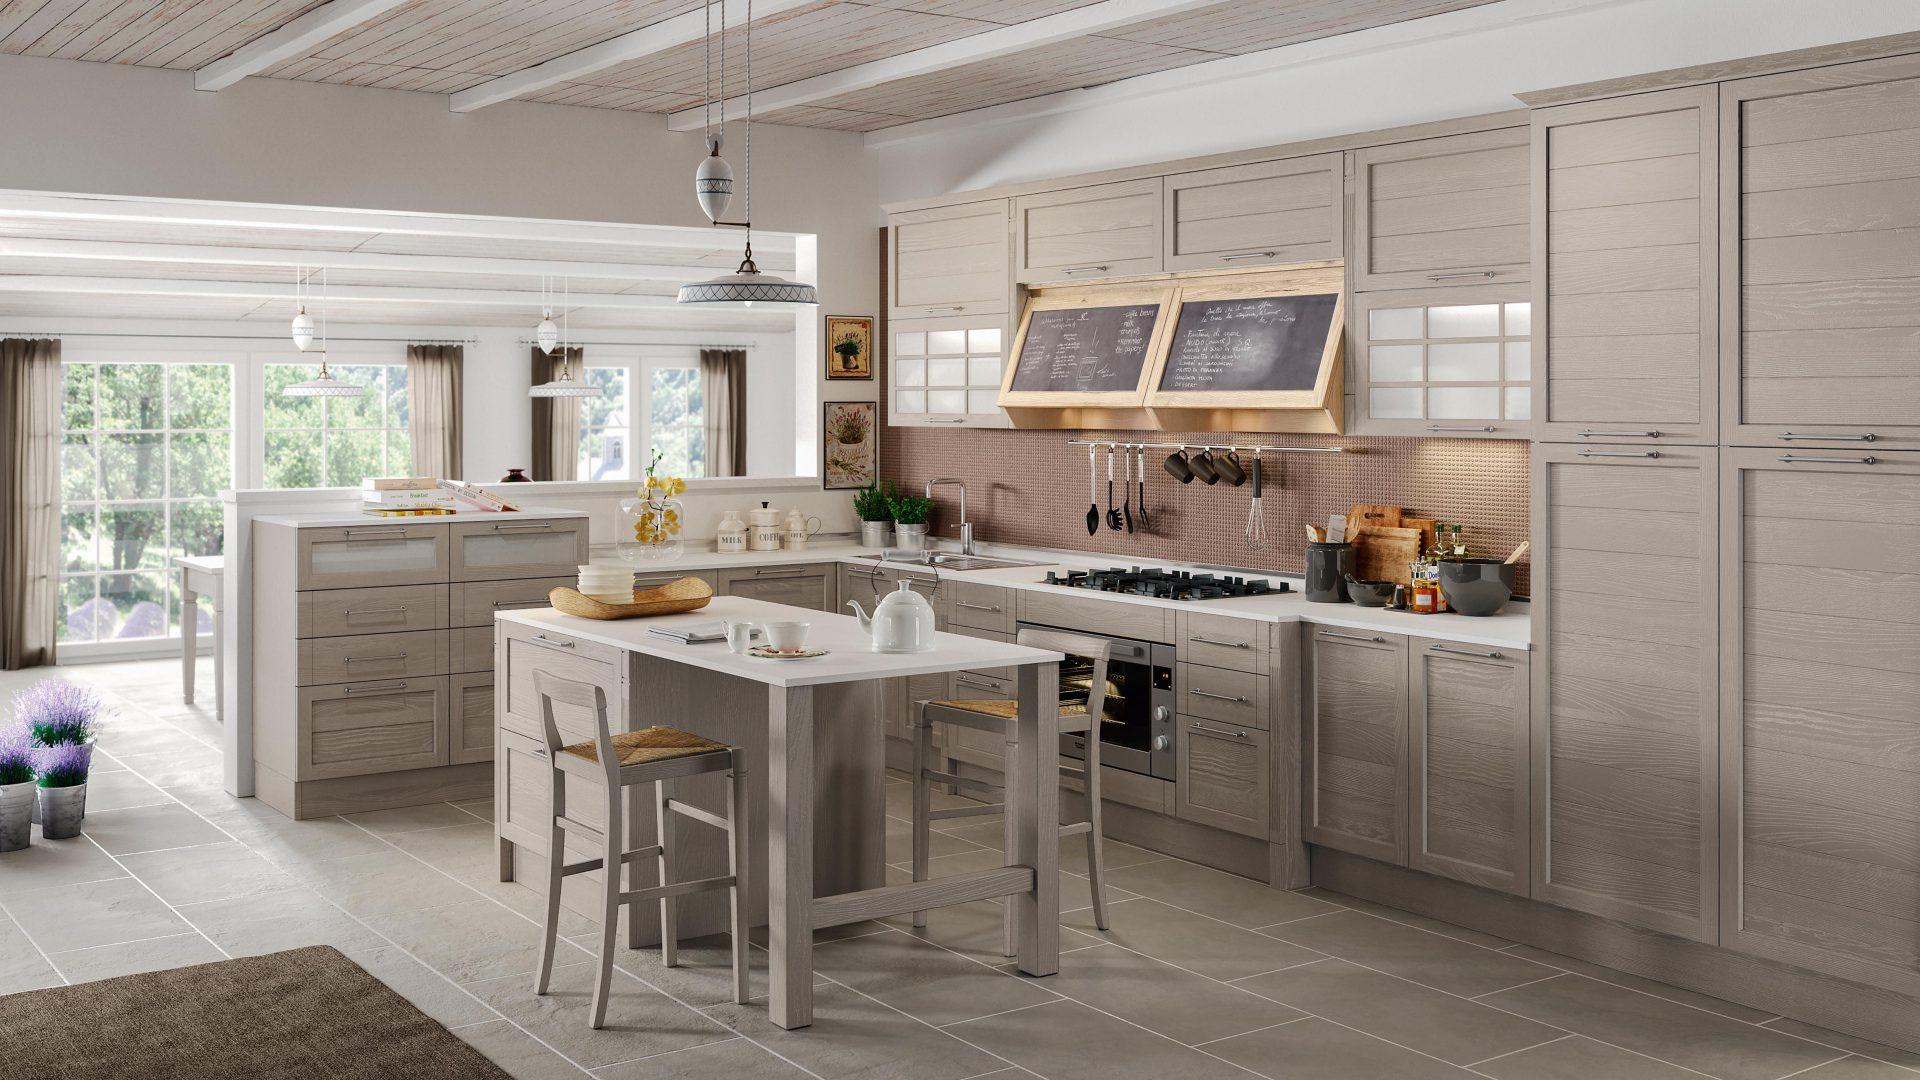 cucine classiche proarreda arredamento design italiano